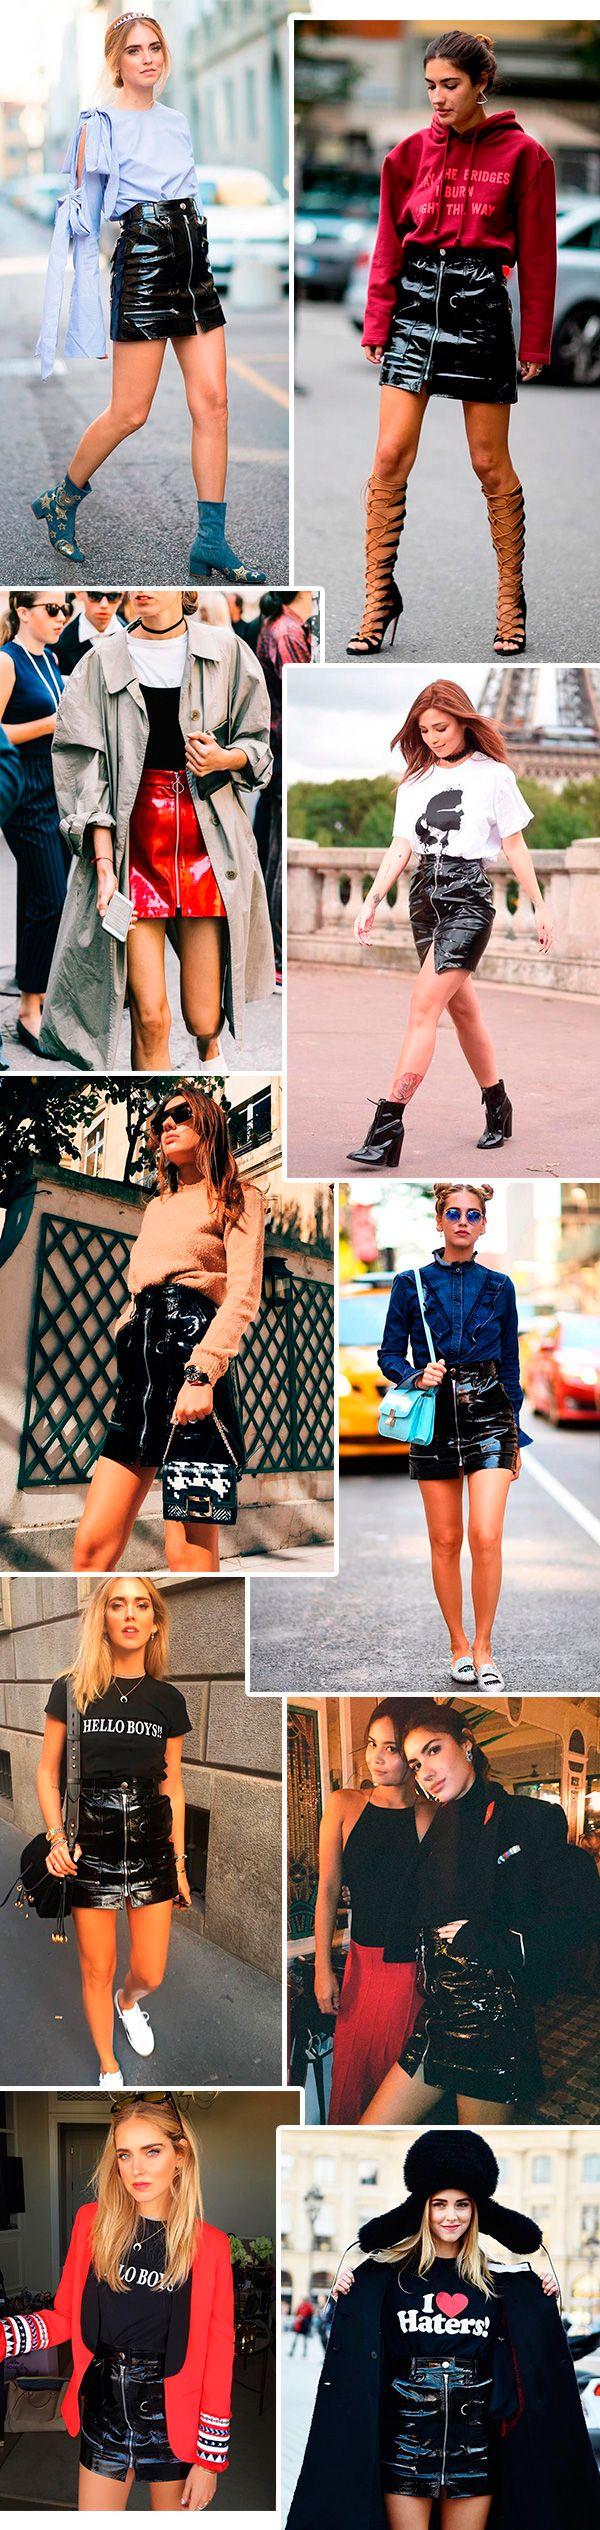 a saia da isabel marant que é tendencia no street style